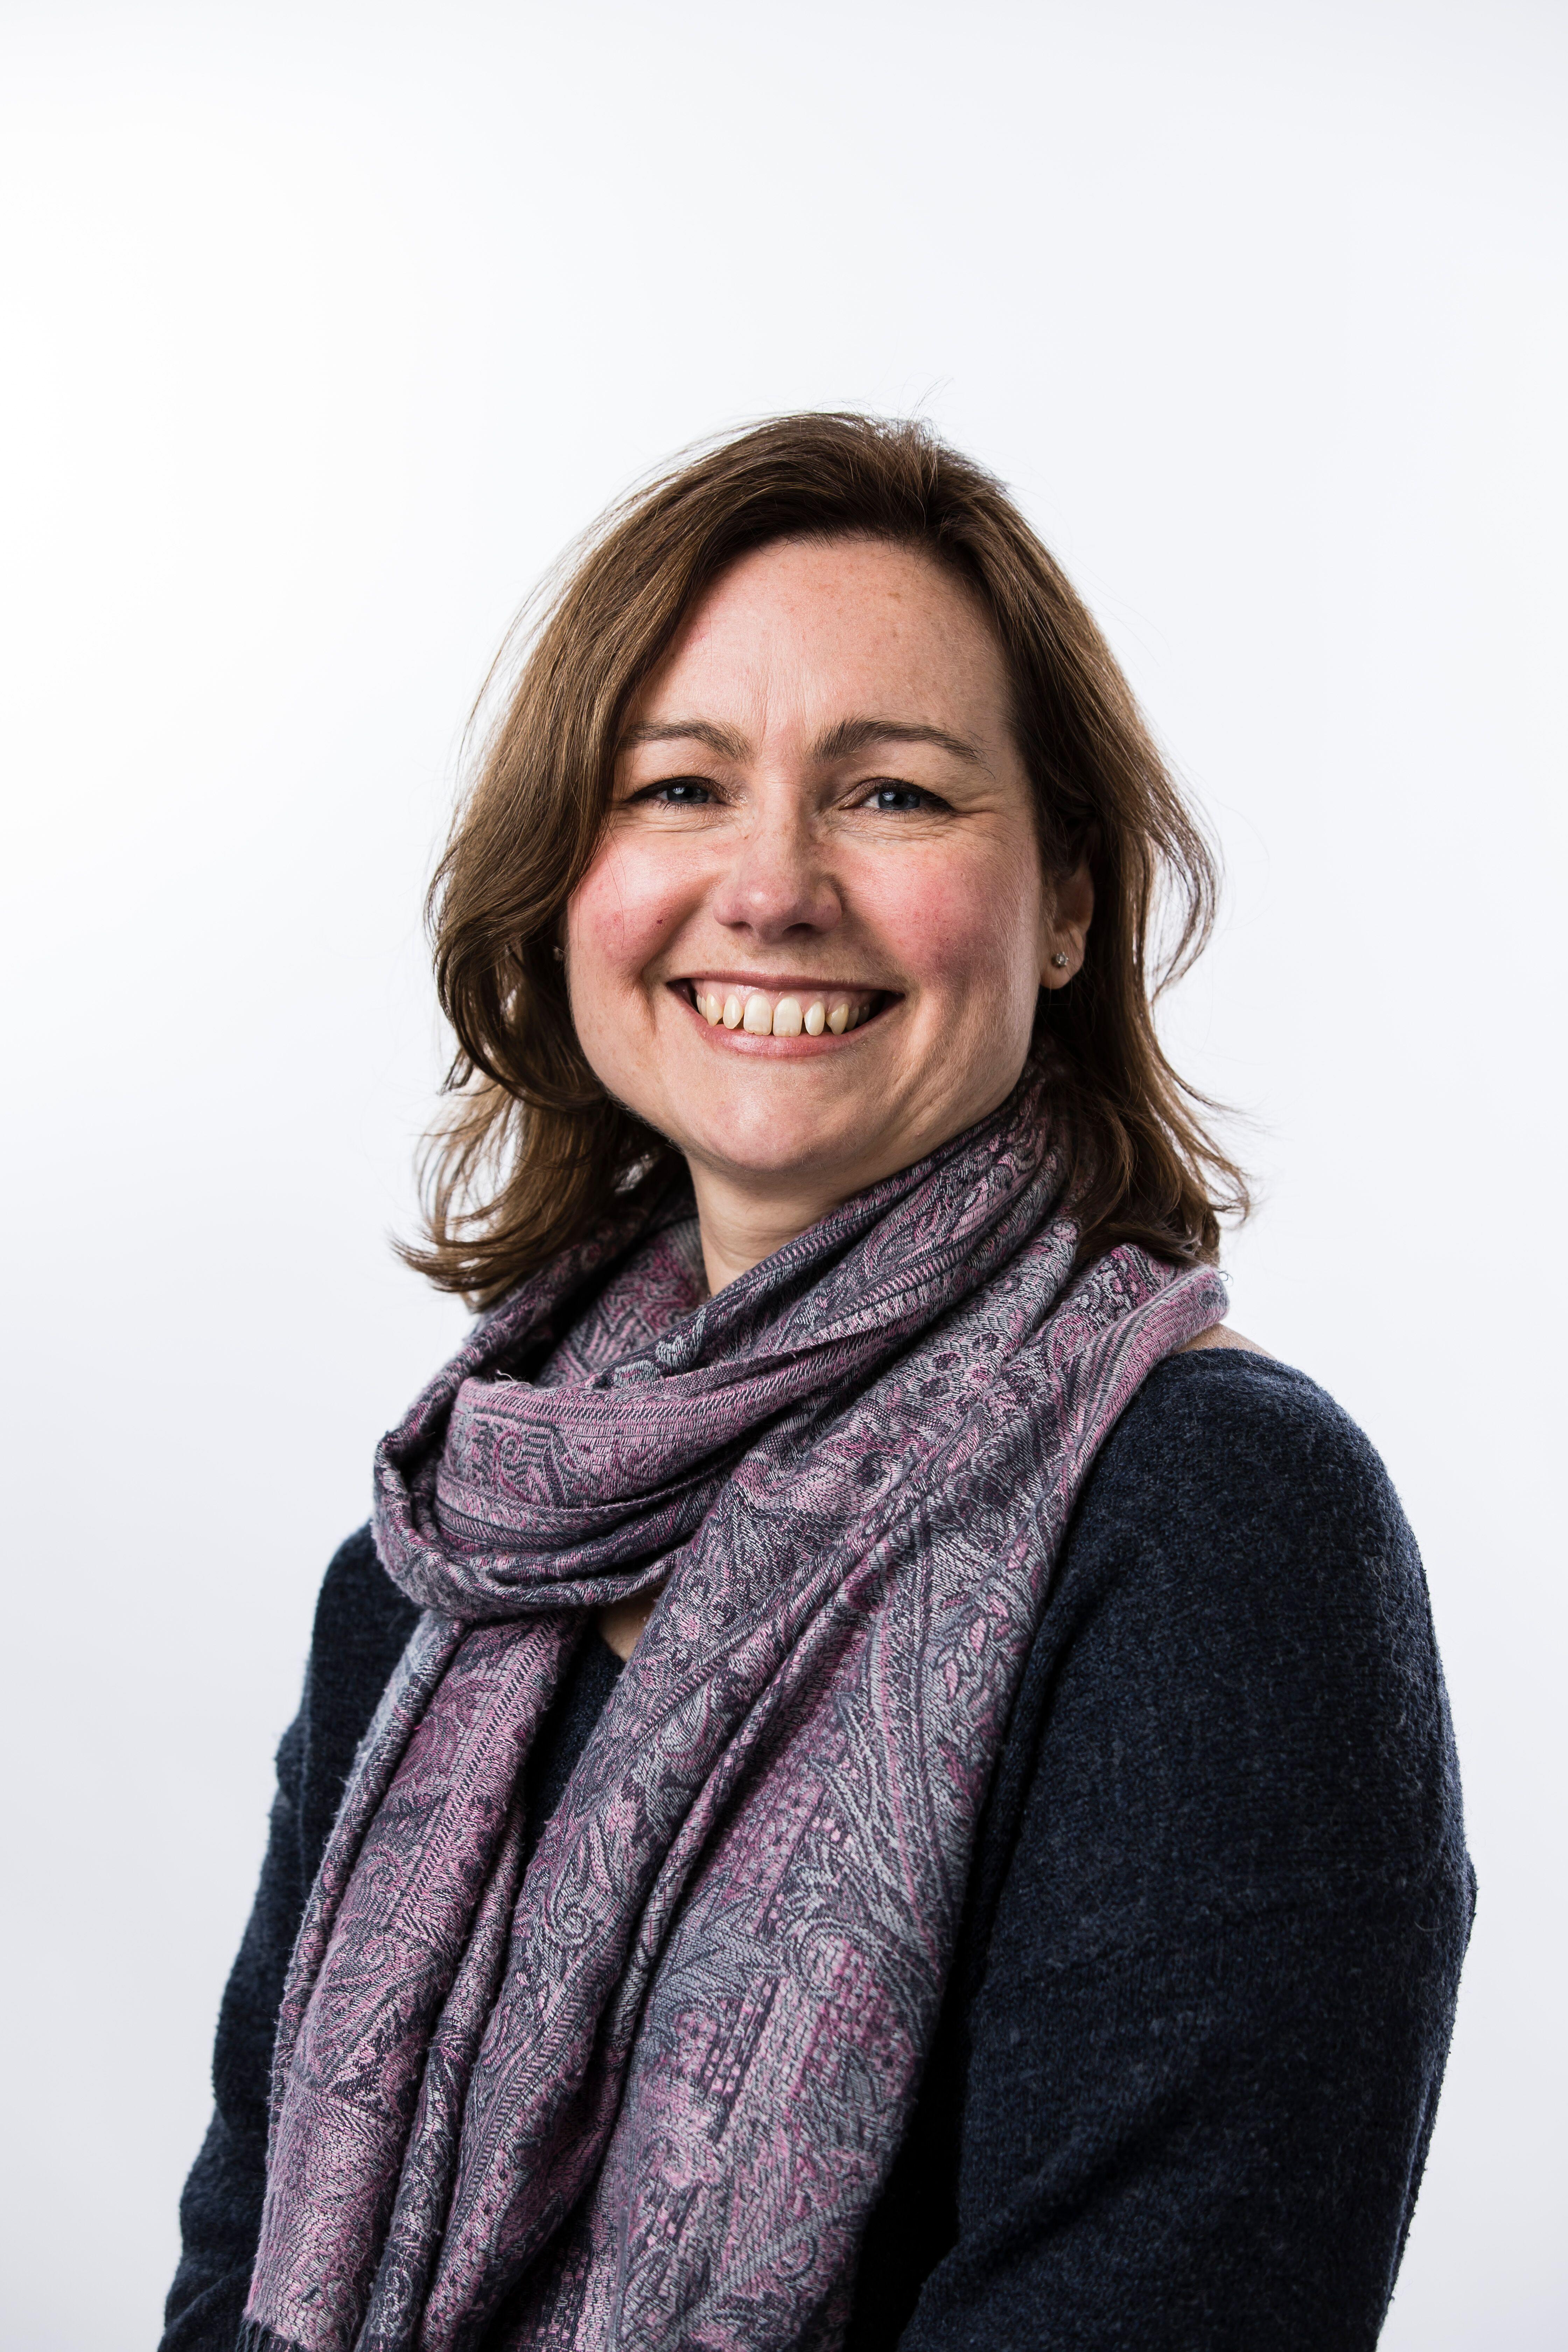 Juliet Durdle;Technical Author